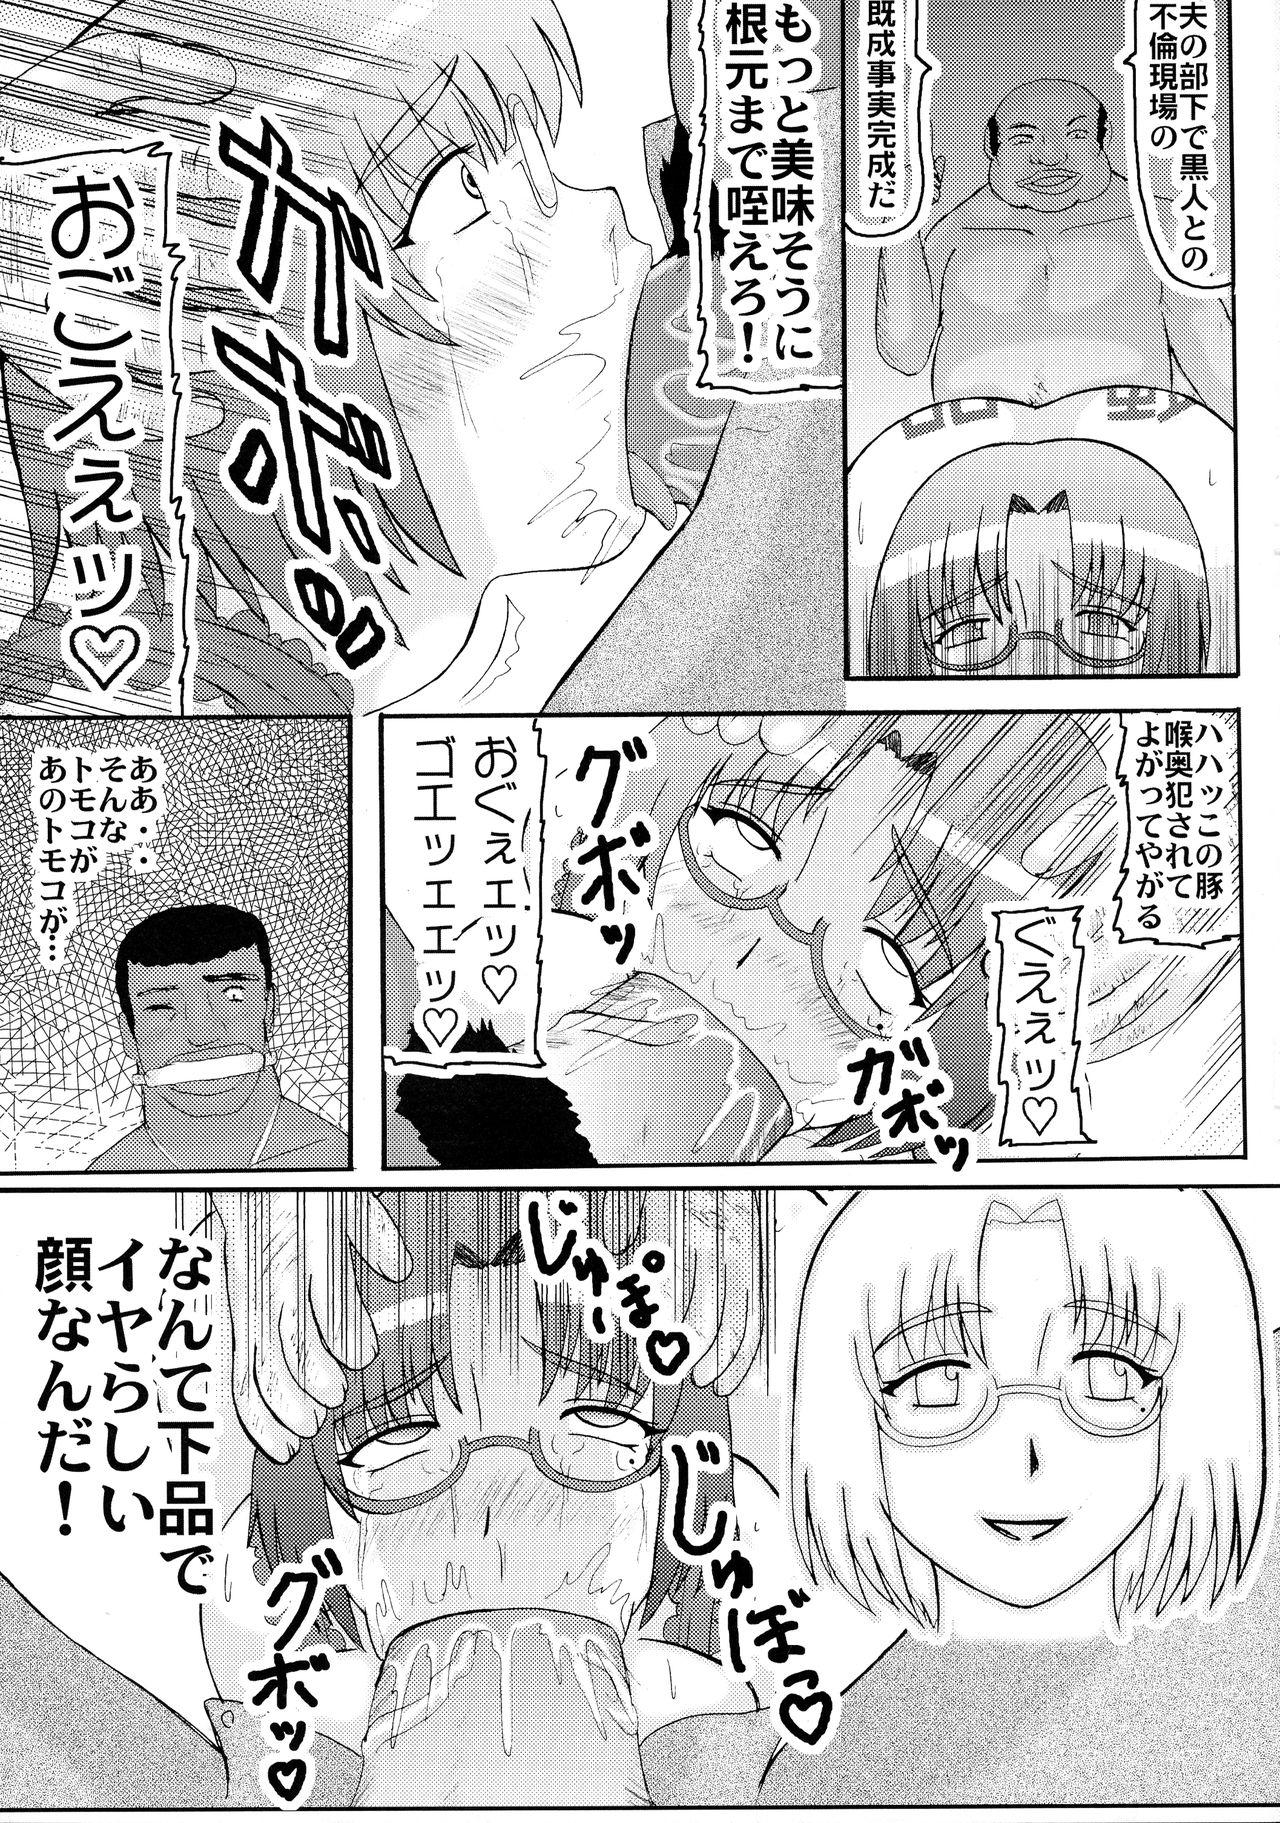 Daraku Ninpu Tsuma 3 8